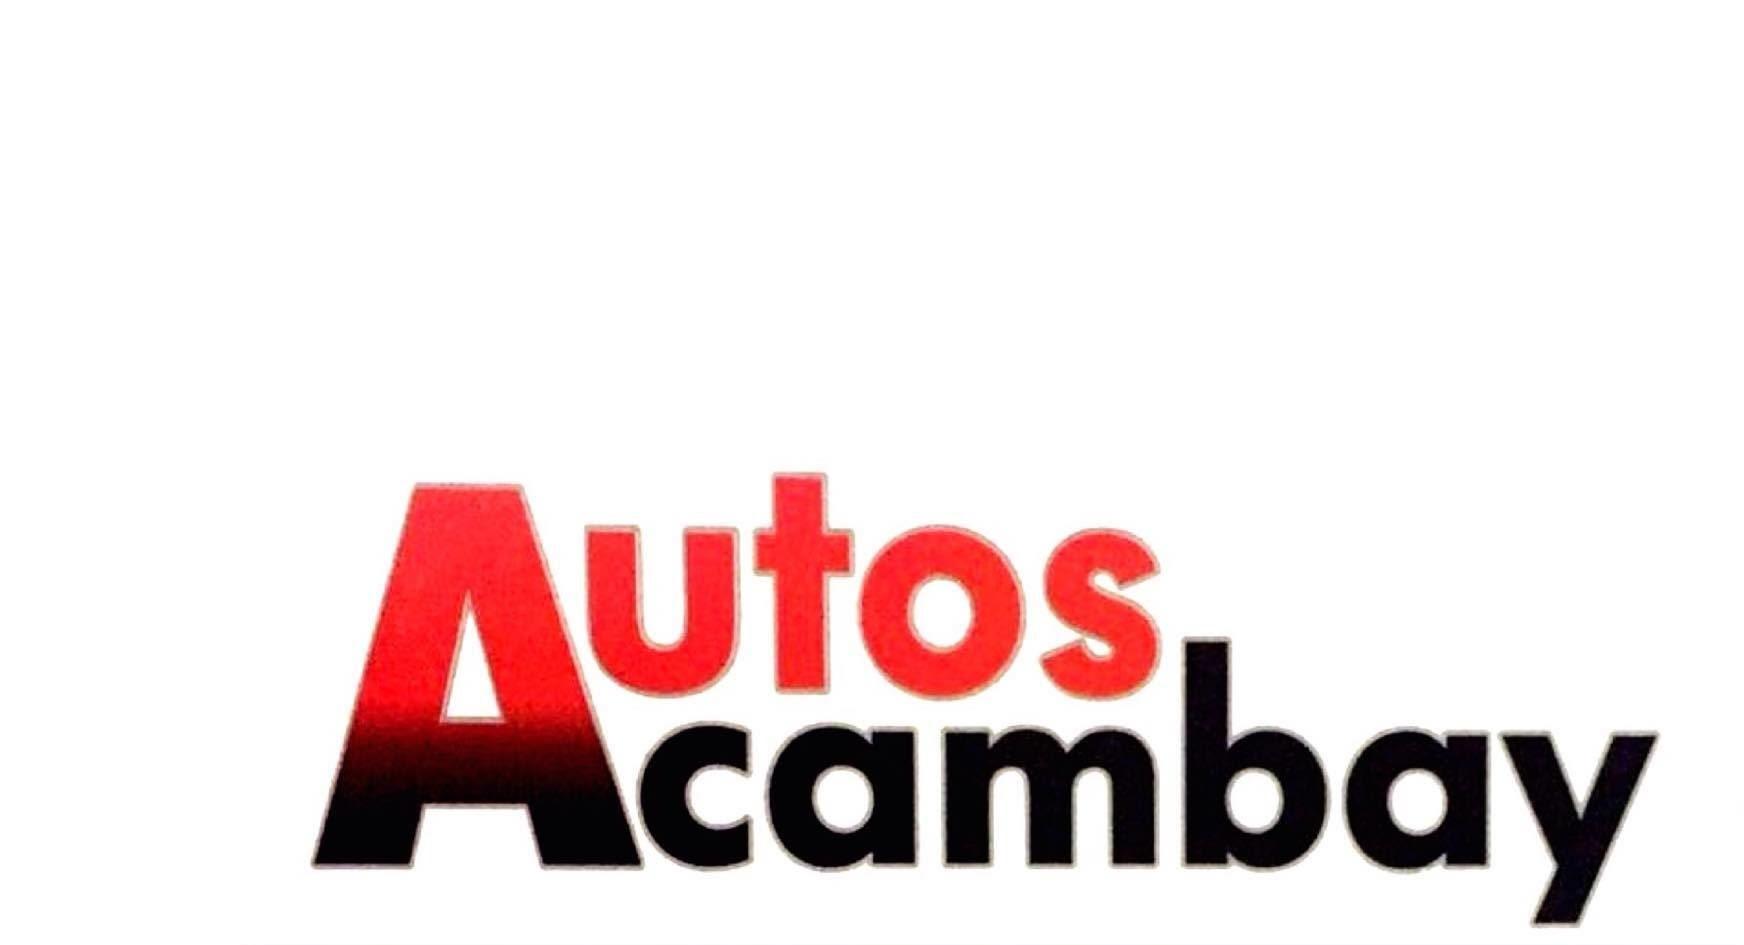 Ver más vehículos de Autos Acambay